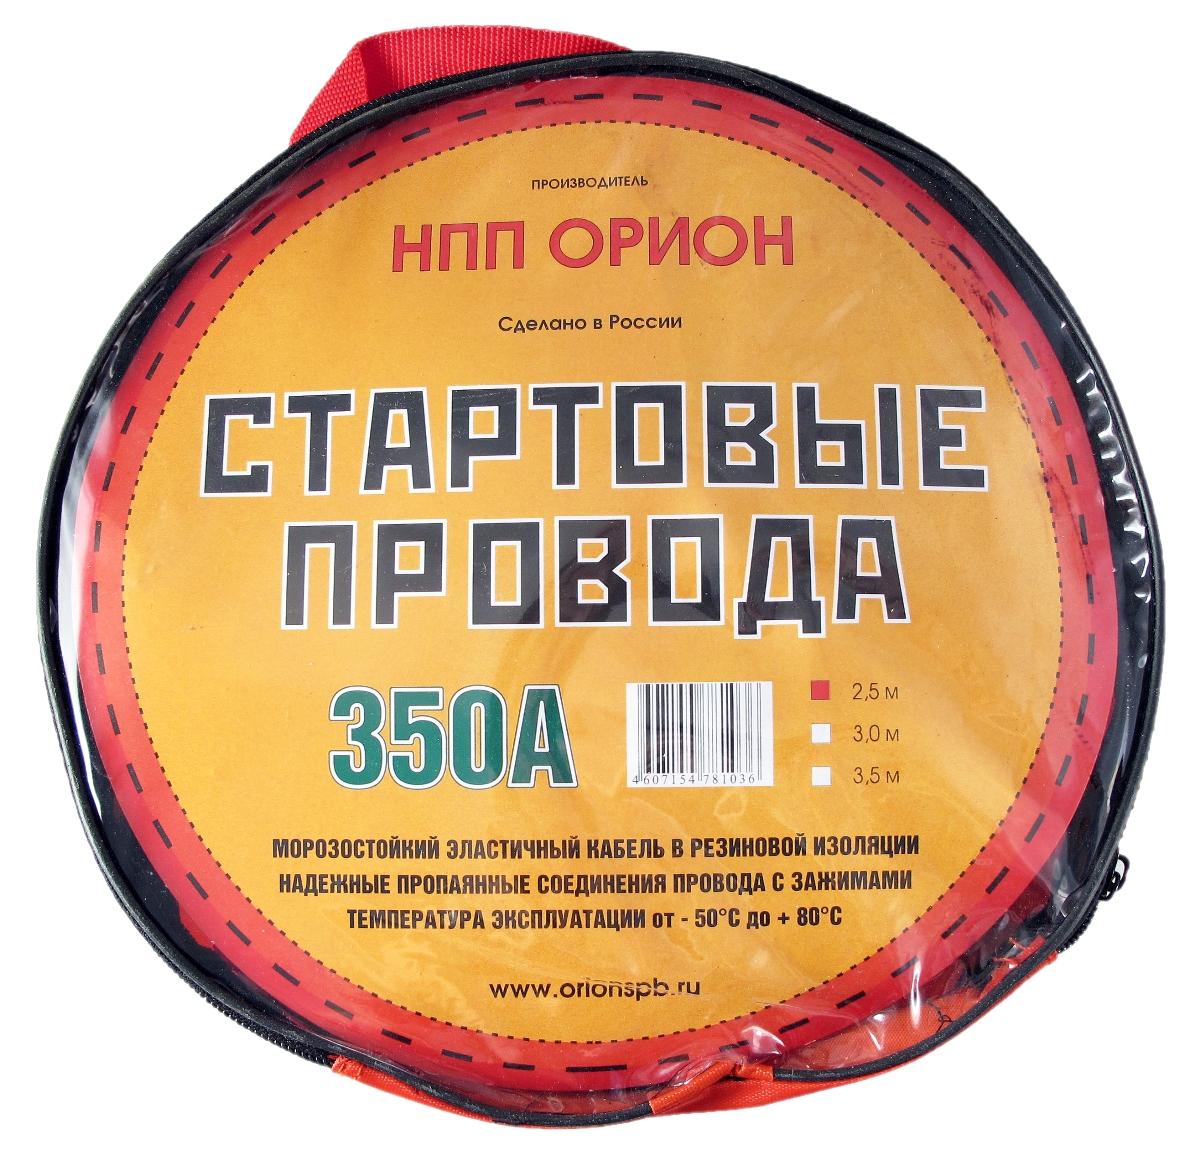 Стартовые провода Орион, хладостойкие, в сумке, 350А, 2,5 м5038НАЗНАЧЕНИЕСтартовые провода предназначены для соединения одноименных клемм аккумуляторов автомобилей для того, чтобы осуществить дополнительную подпитку стартера в автомобиле с разряженной аккумуляторной батареей или загустевшим от мороза маслом. Применяются для запуска двигателей легковых и грузовых автомобилей при низкой температуре воздуха в холодное время года, а также после длительного хранения автомобиля, вызвавшего саморазряд аккумуляторной батареи.ОСОБЕННОСТИ-Морозостойкий эластичный кабель в резиновой изоляции- Многожильный медный проводник-Полностью изолированные зажимы-Надежные пропаянные соединения провода с зажимами-Температура эксплуатации от - 50° С до + 80° СВАРИАНТЫ ИСПОЛНЕНИЯ350 А........2,5 м; 3 м; 3,5 м